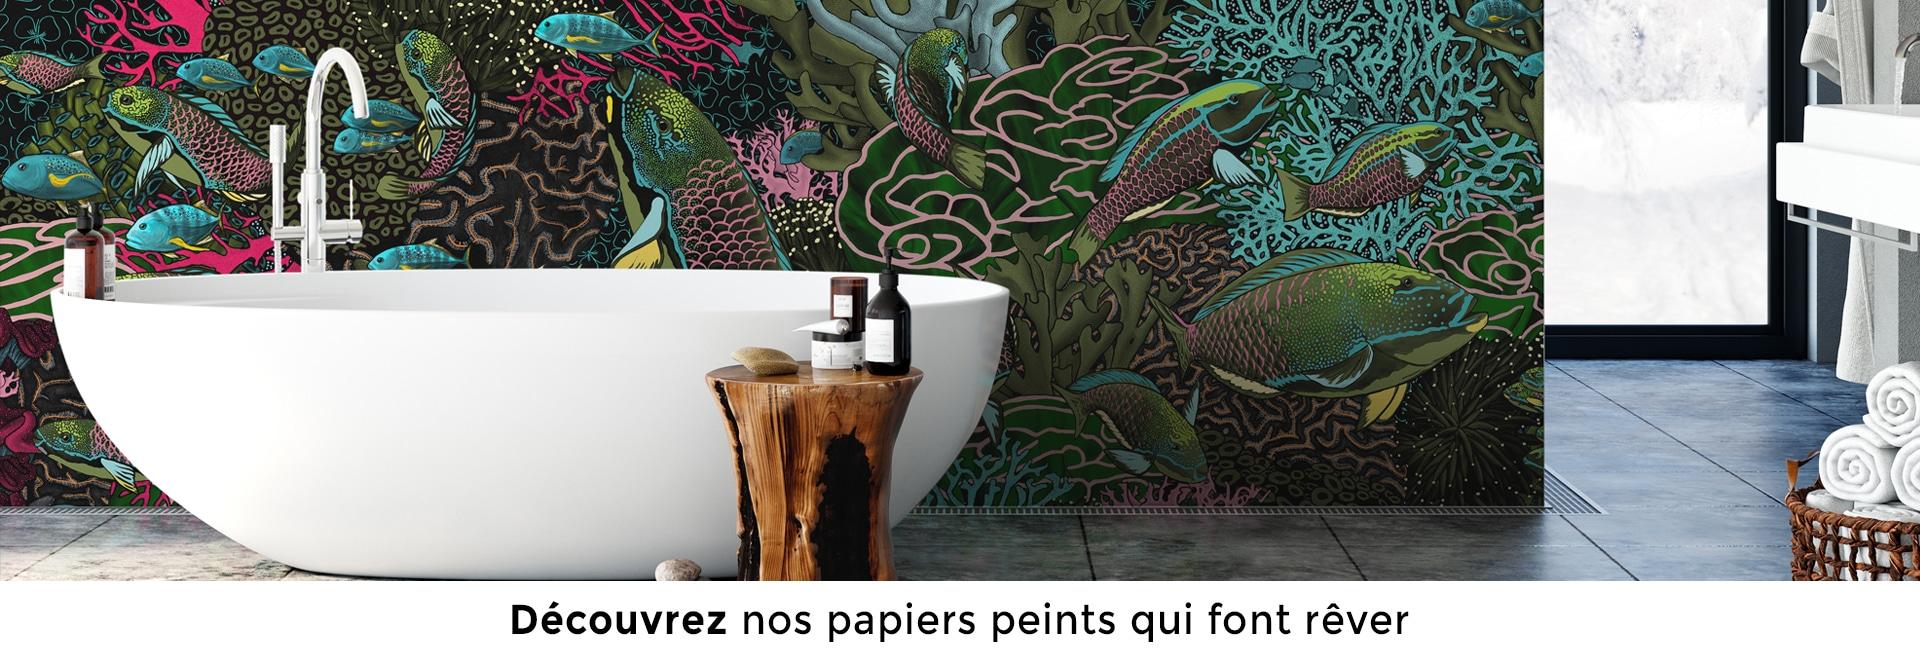 Nouveau Papier peint La Danse Allure Maison Fetiche